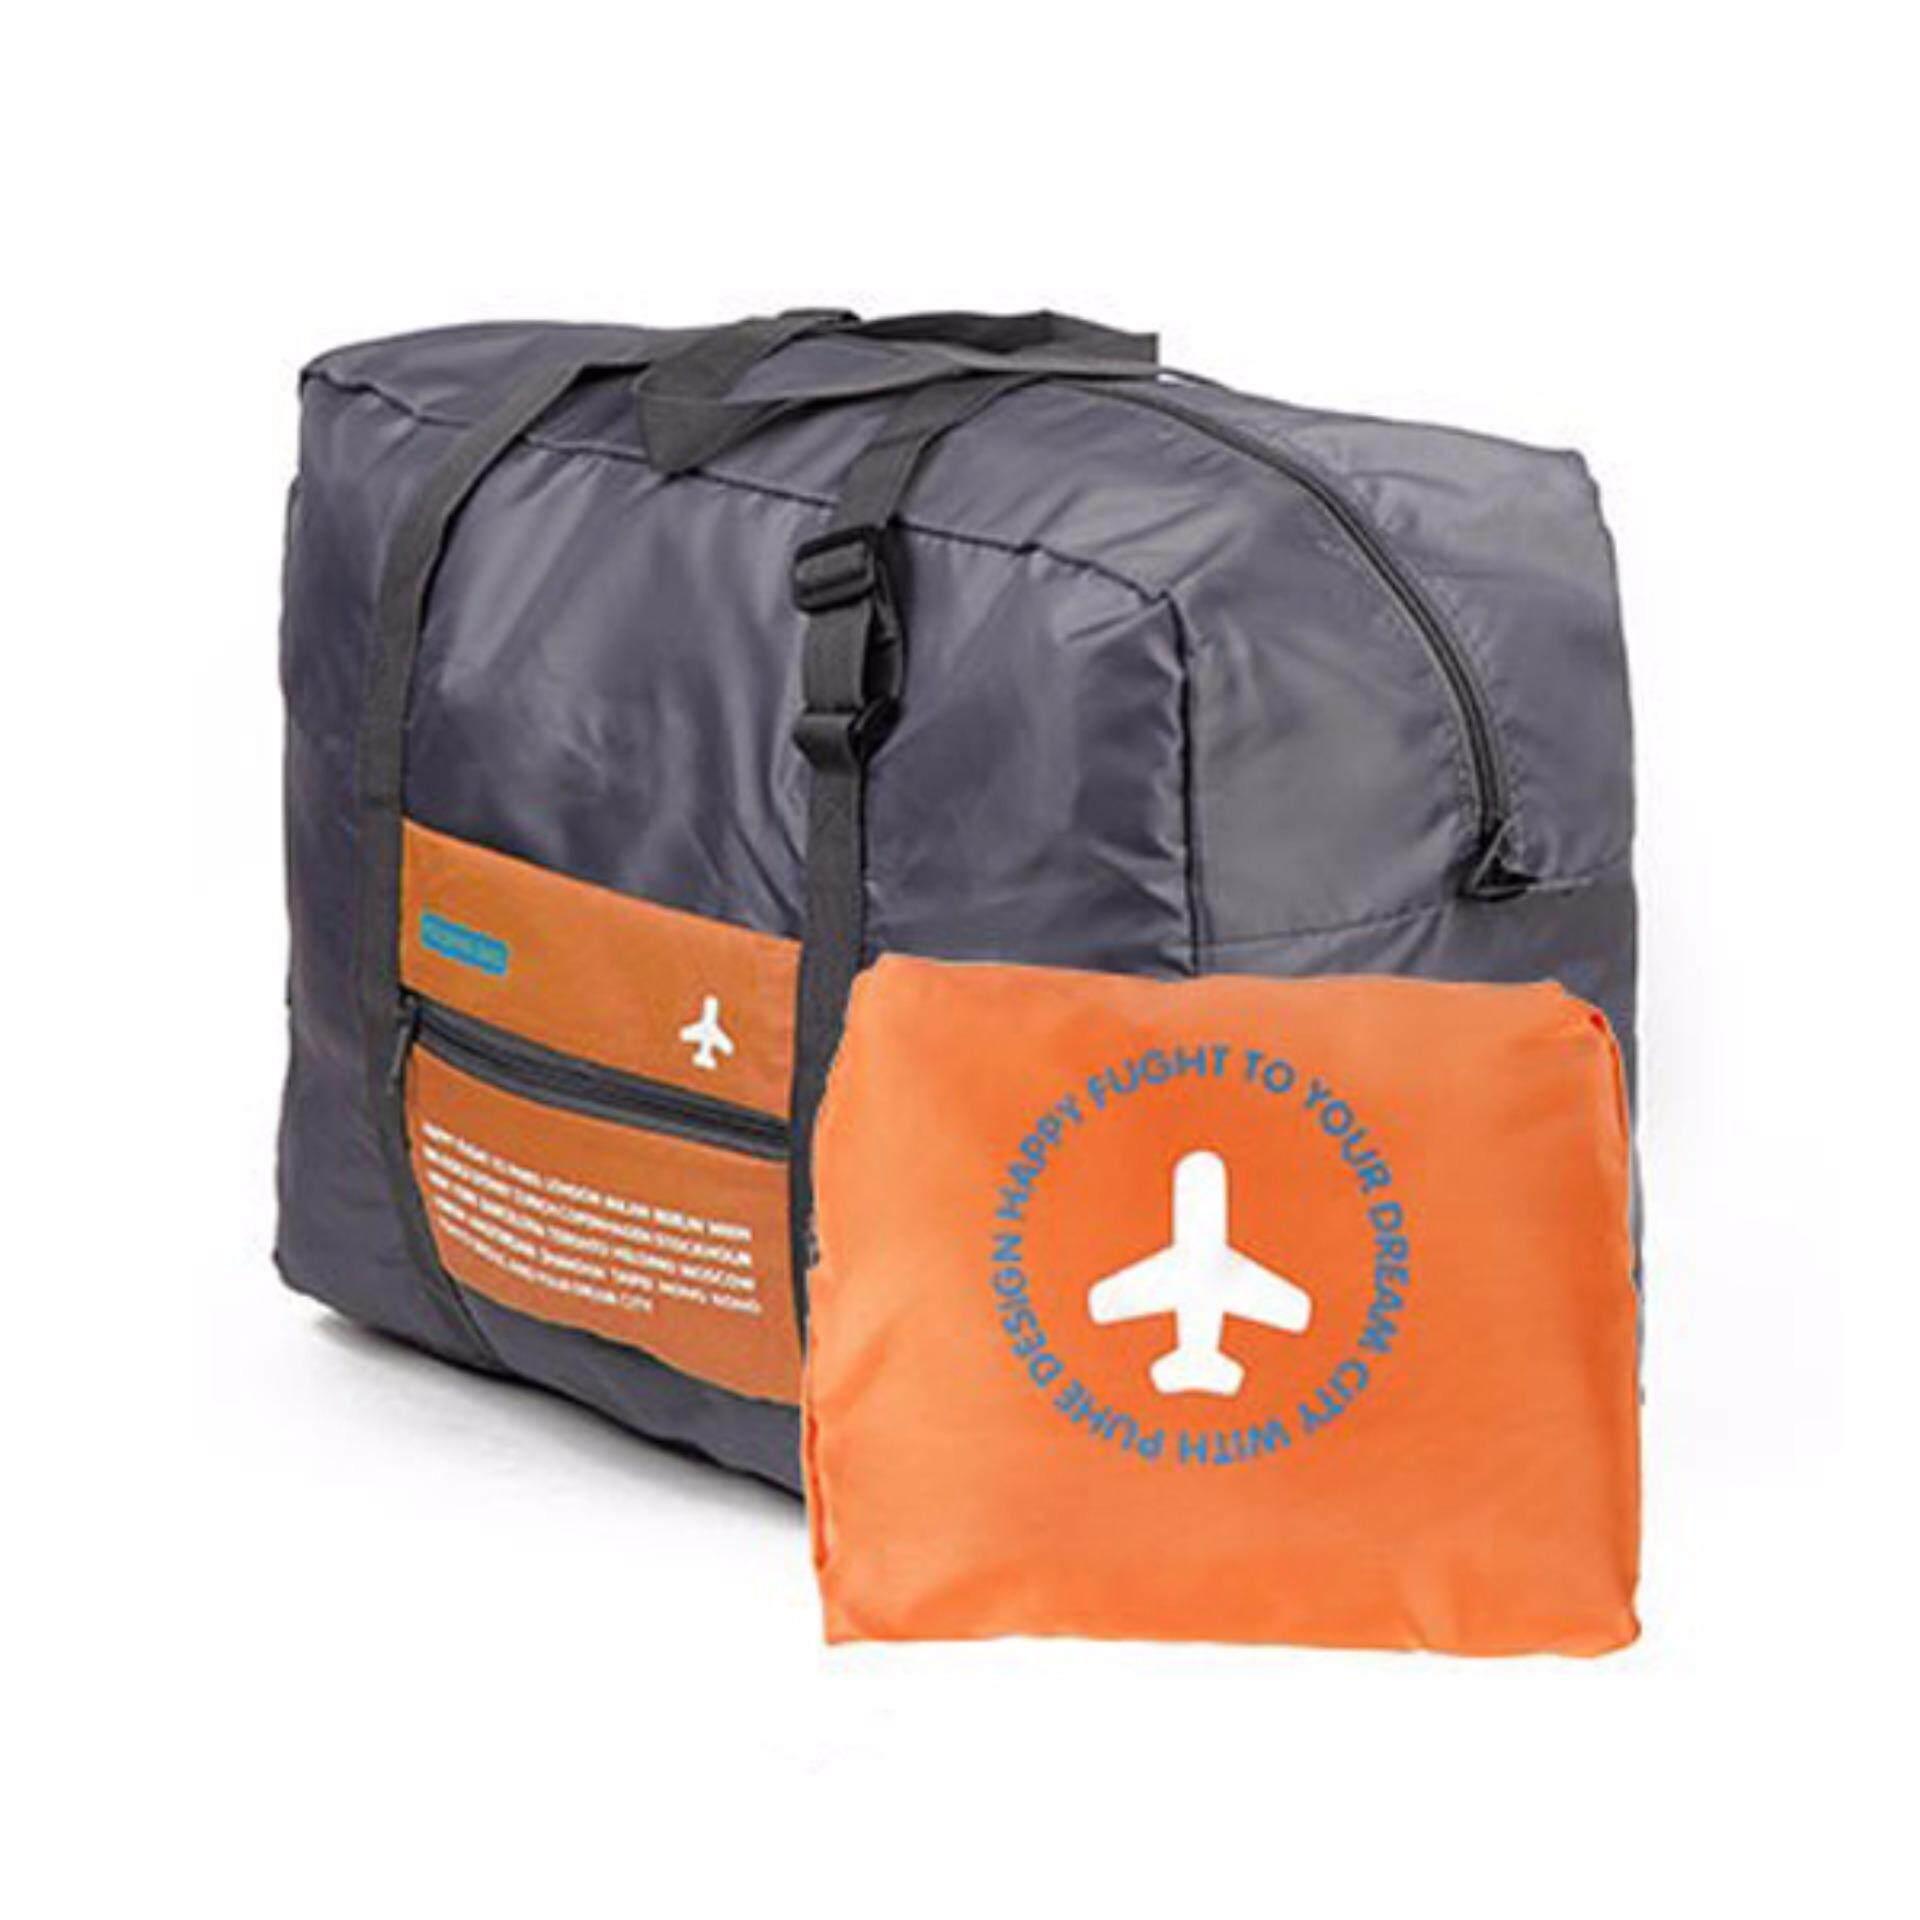 [ READY STOCK ] Large Capacity 32L Foldable Travel Luggage Bag -Orange